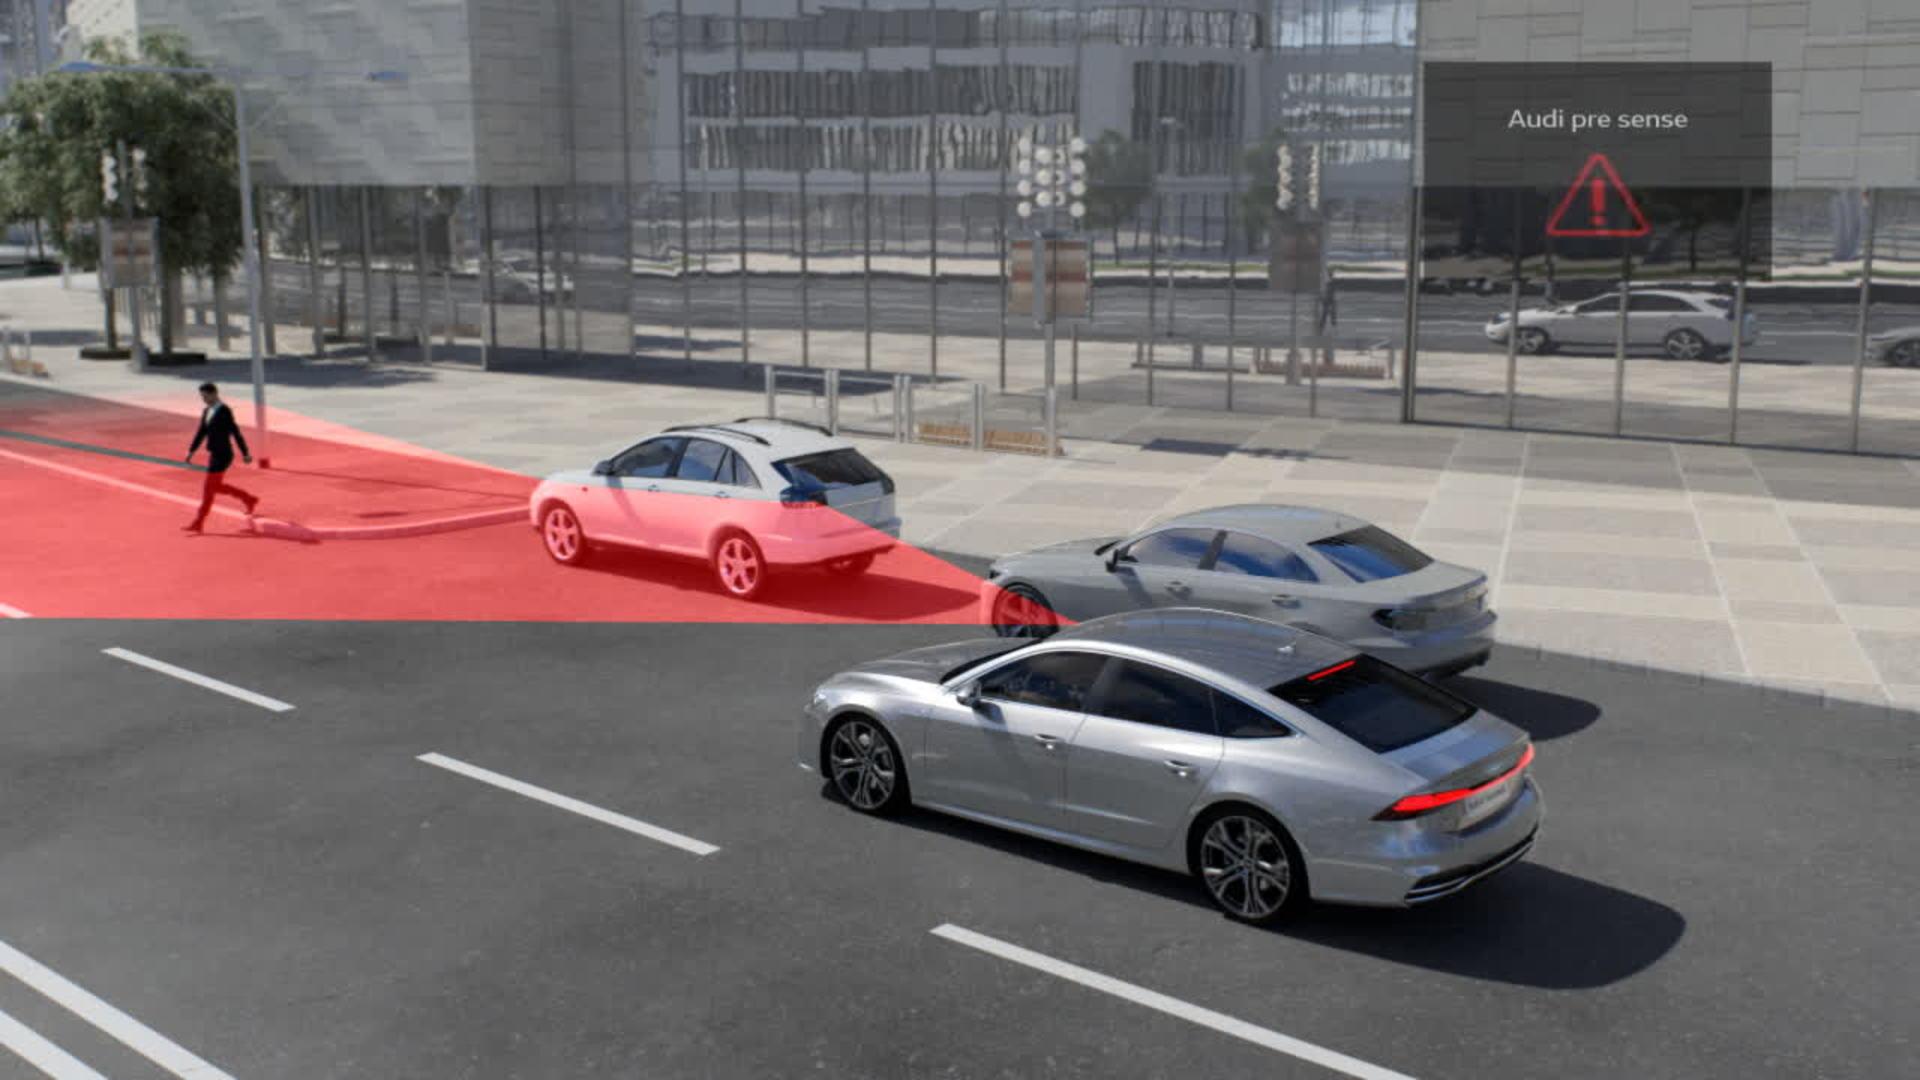 Audi A7 Animation pre sense